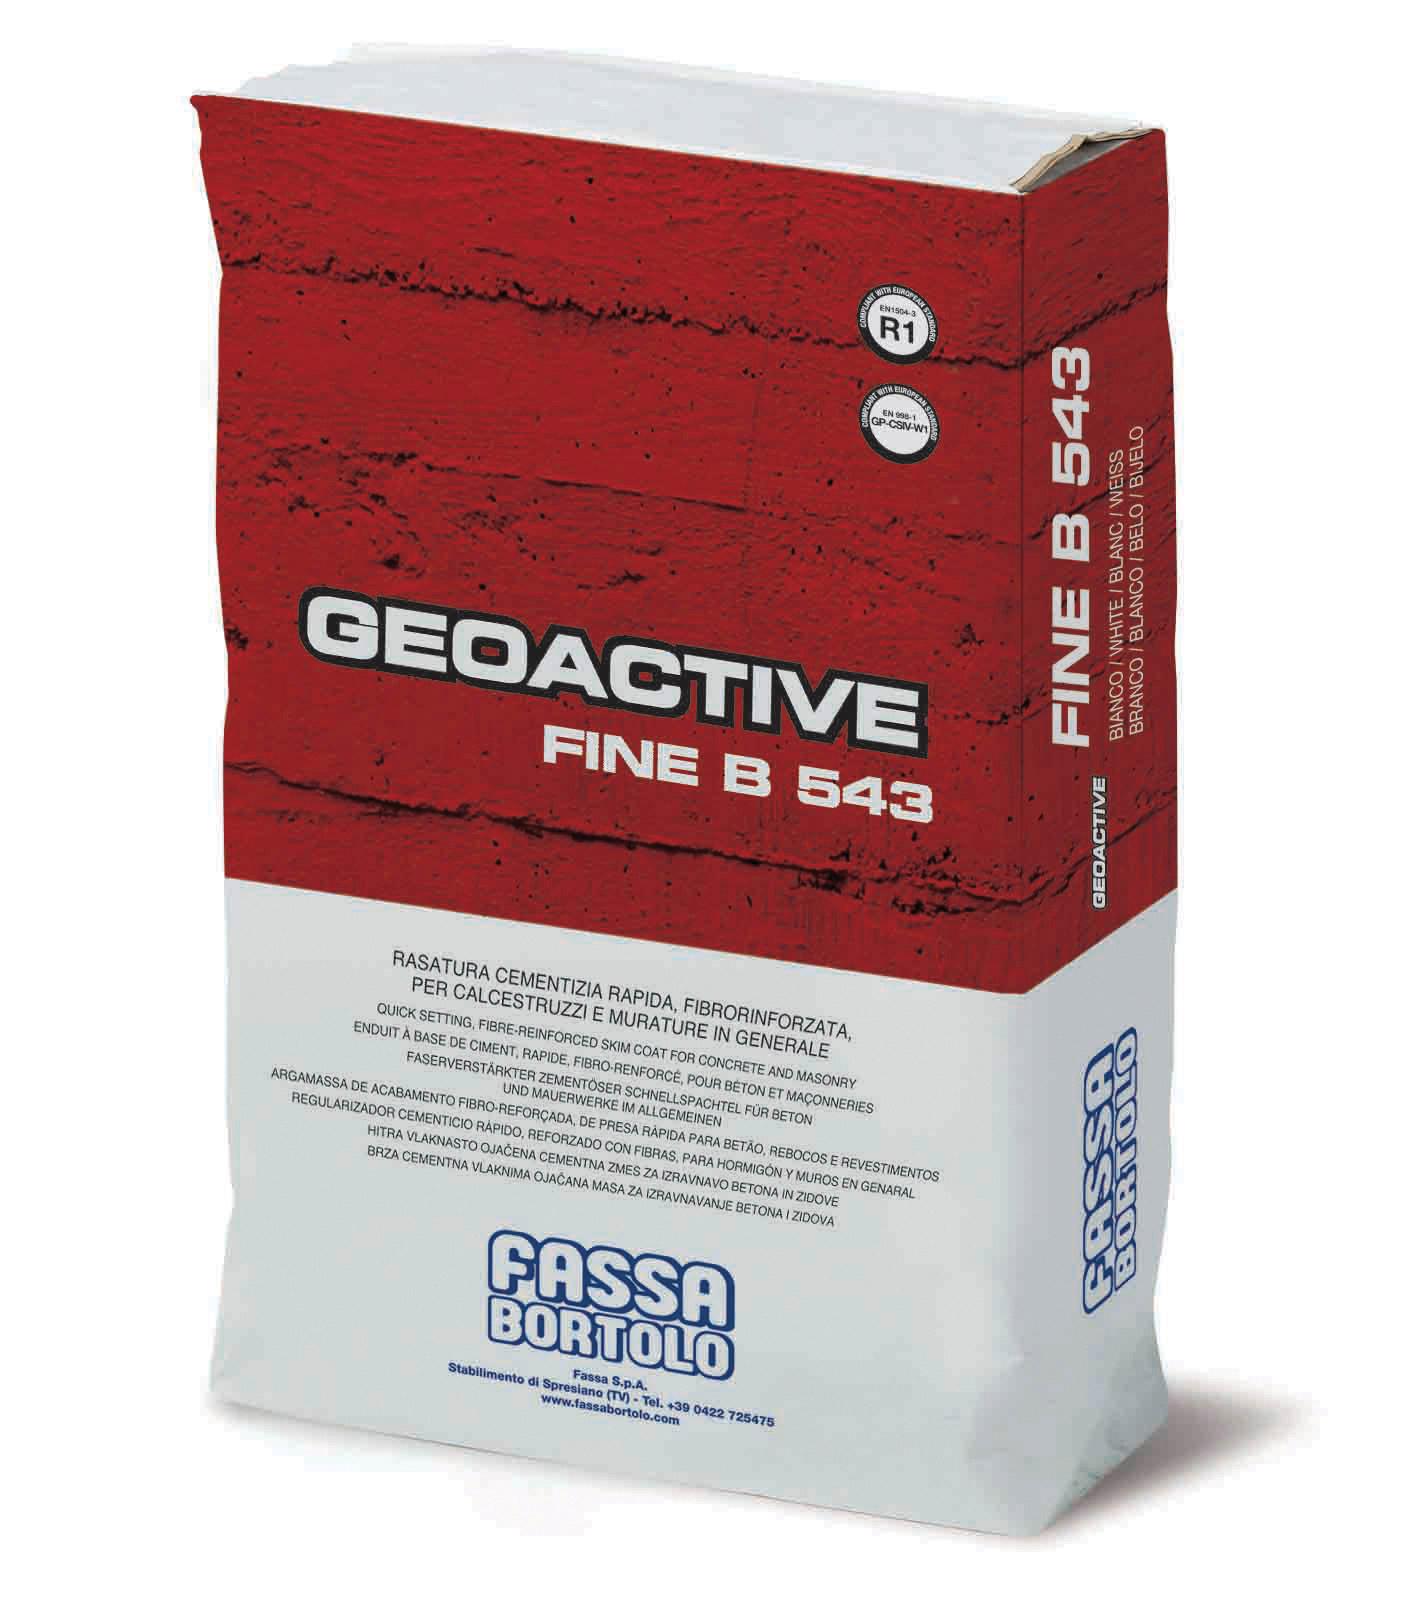 GEOACTIVE FINE B 543: Regularizador cimentício de presa rápida, fibro-reforçado, hidrófugado, branco e cinza para betão, alvenaria, revestimentos plásticos e rebocos